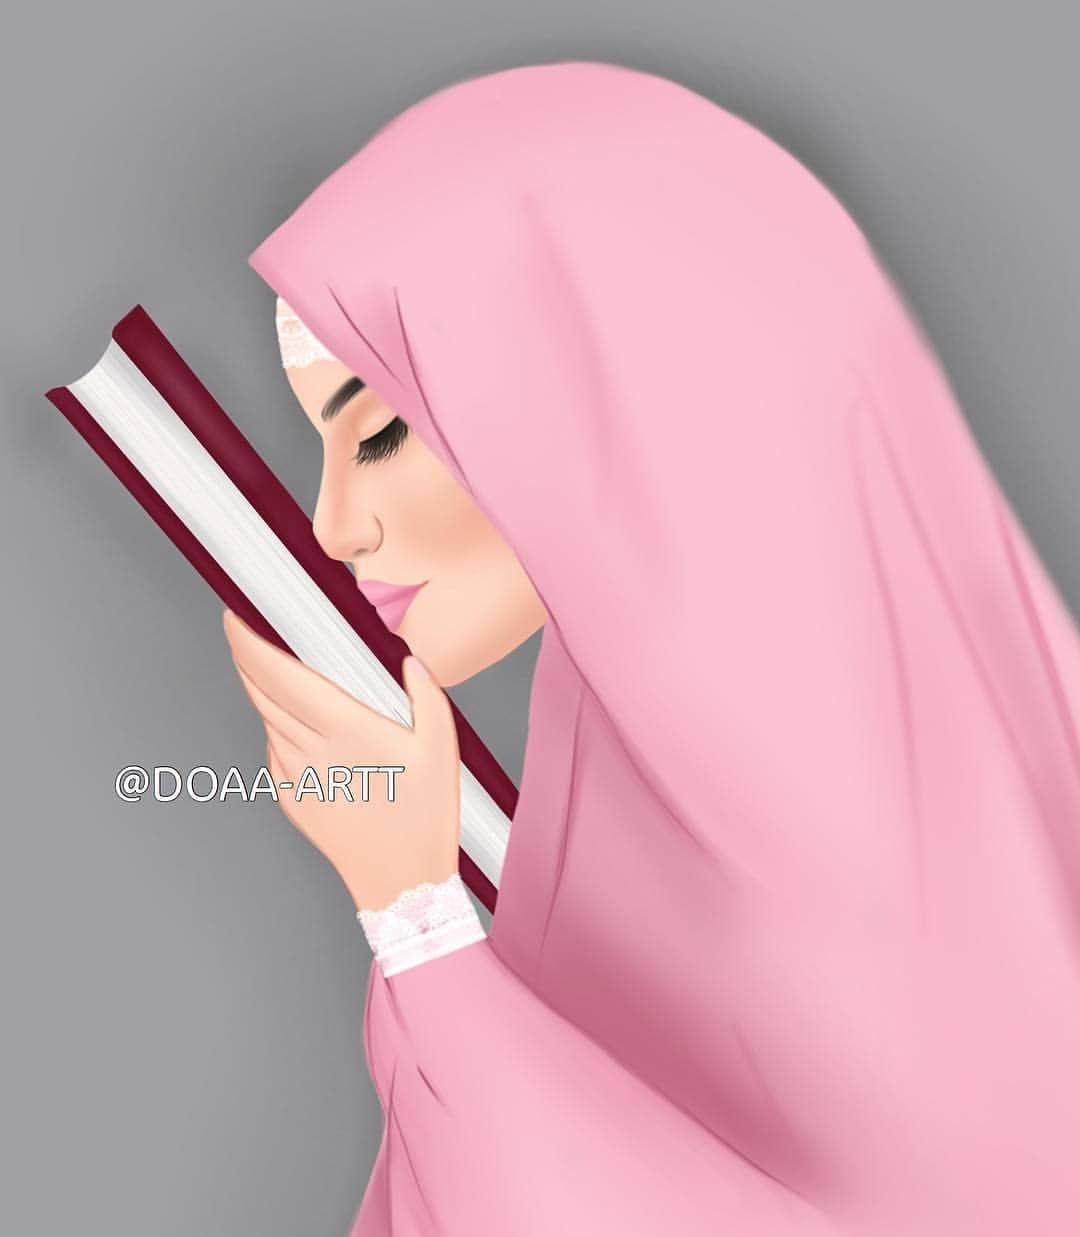 خاتمين القرآن قبل Fashionyista Fashionyista صور كارتونية للحلوات منشن لصديقاتك تشوفهن معك خلفي Islamic Girl Art Girl Cute Couple Cartoon